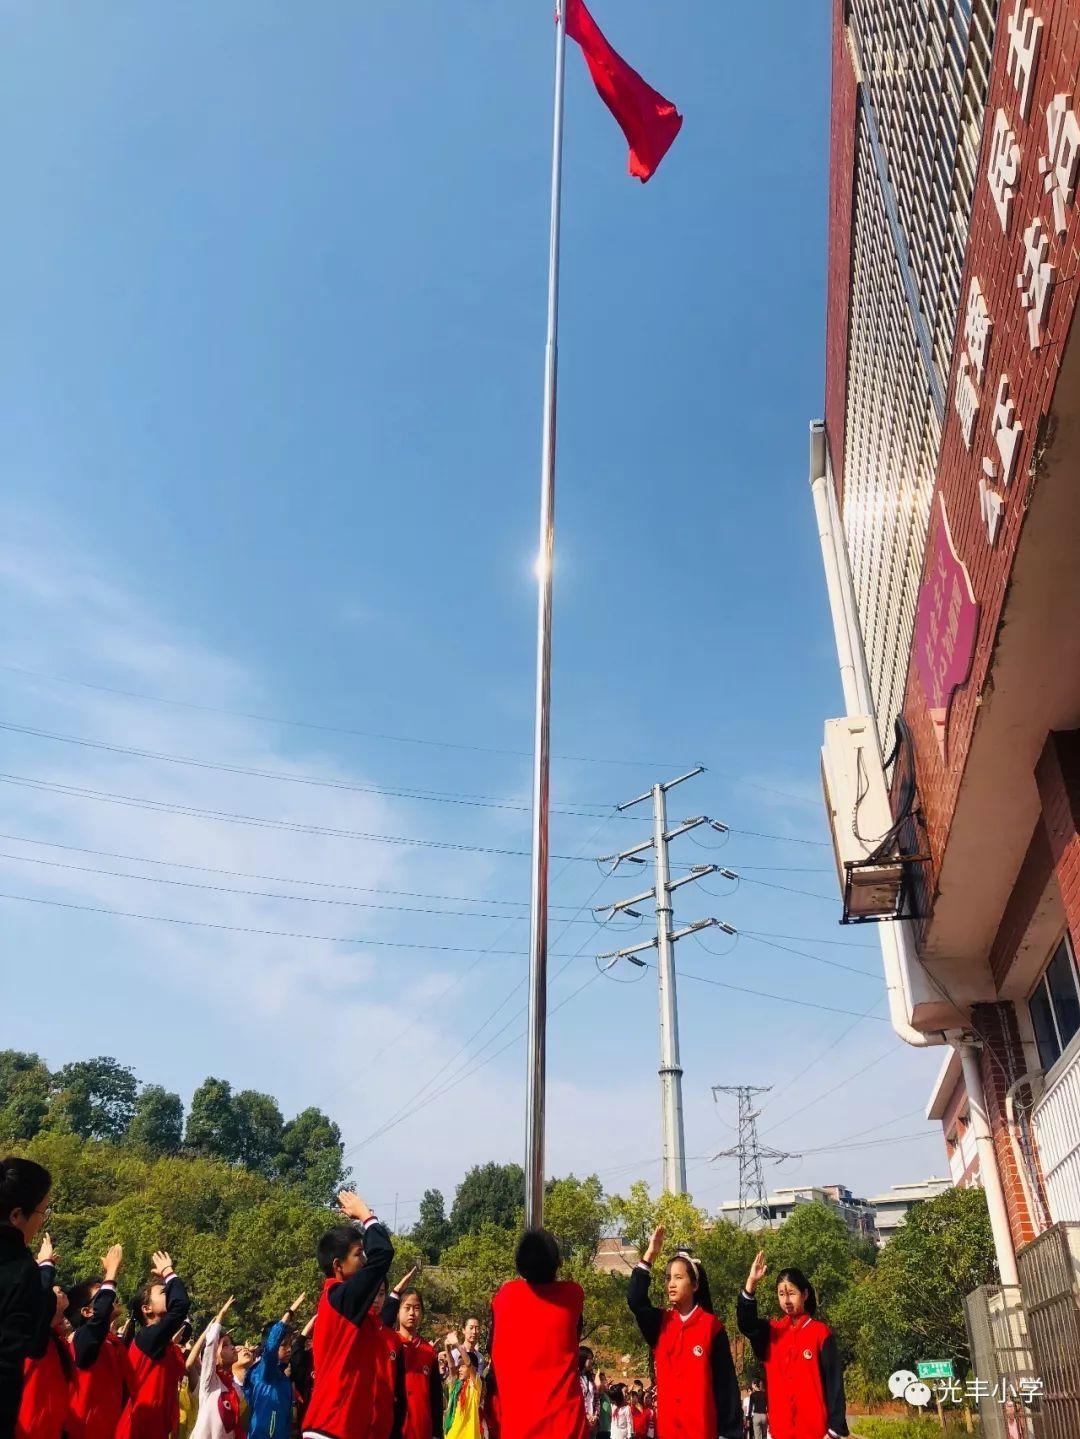 争做新时代好队员,集结在星星火炬旗帜下 光丰小学庆祝69周年建队日活动